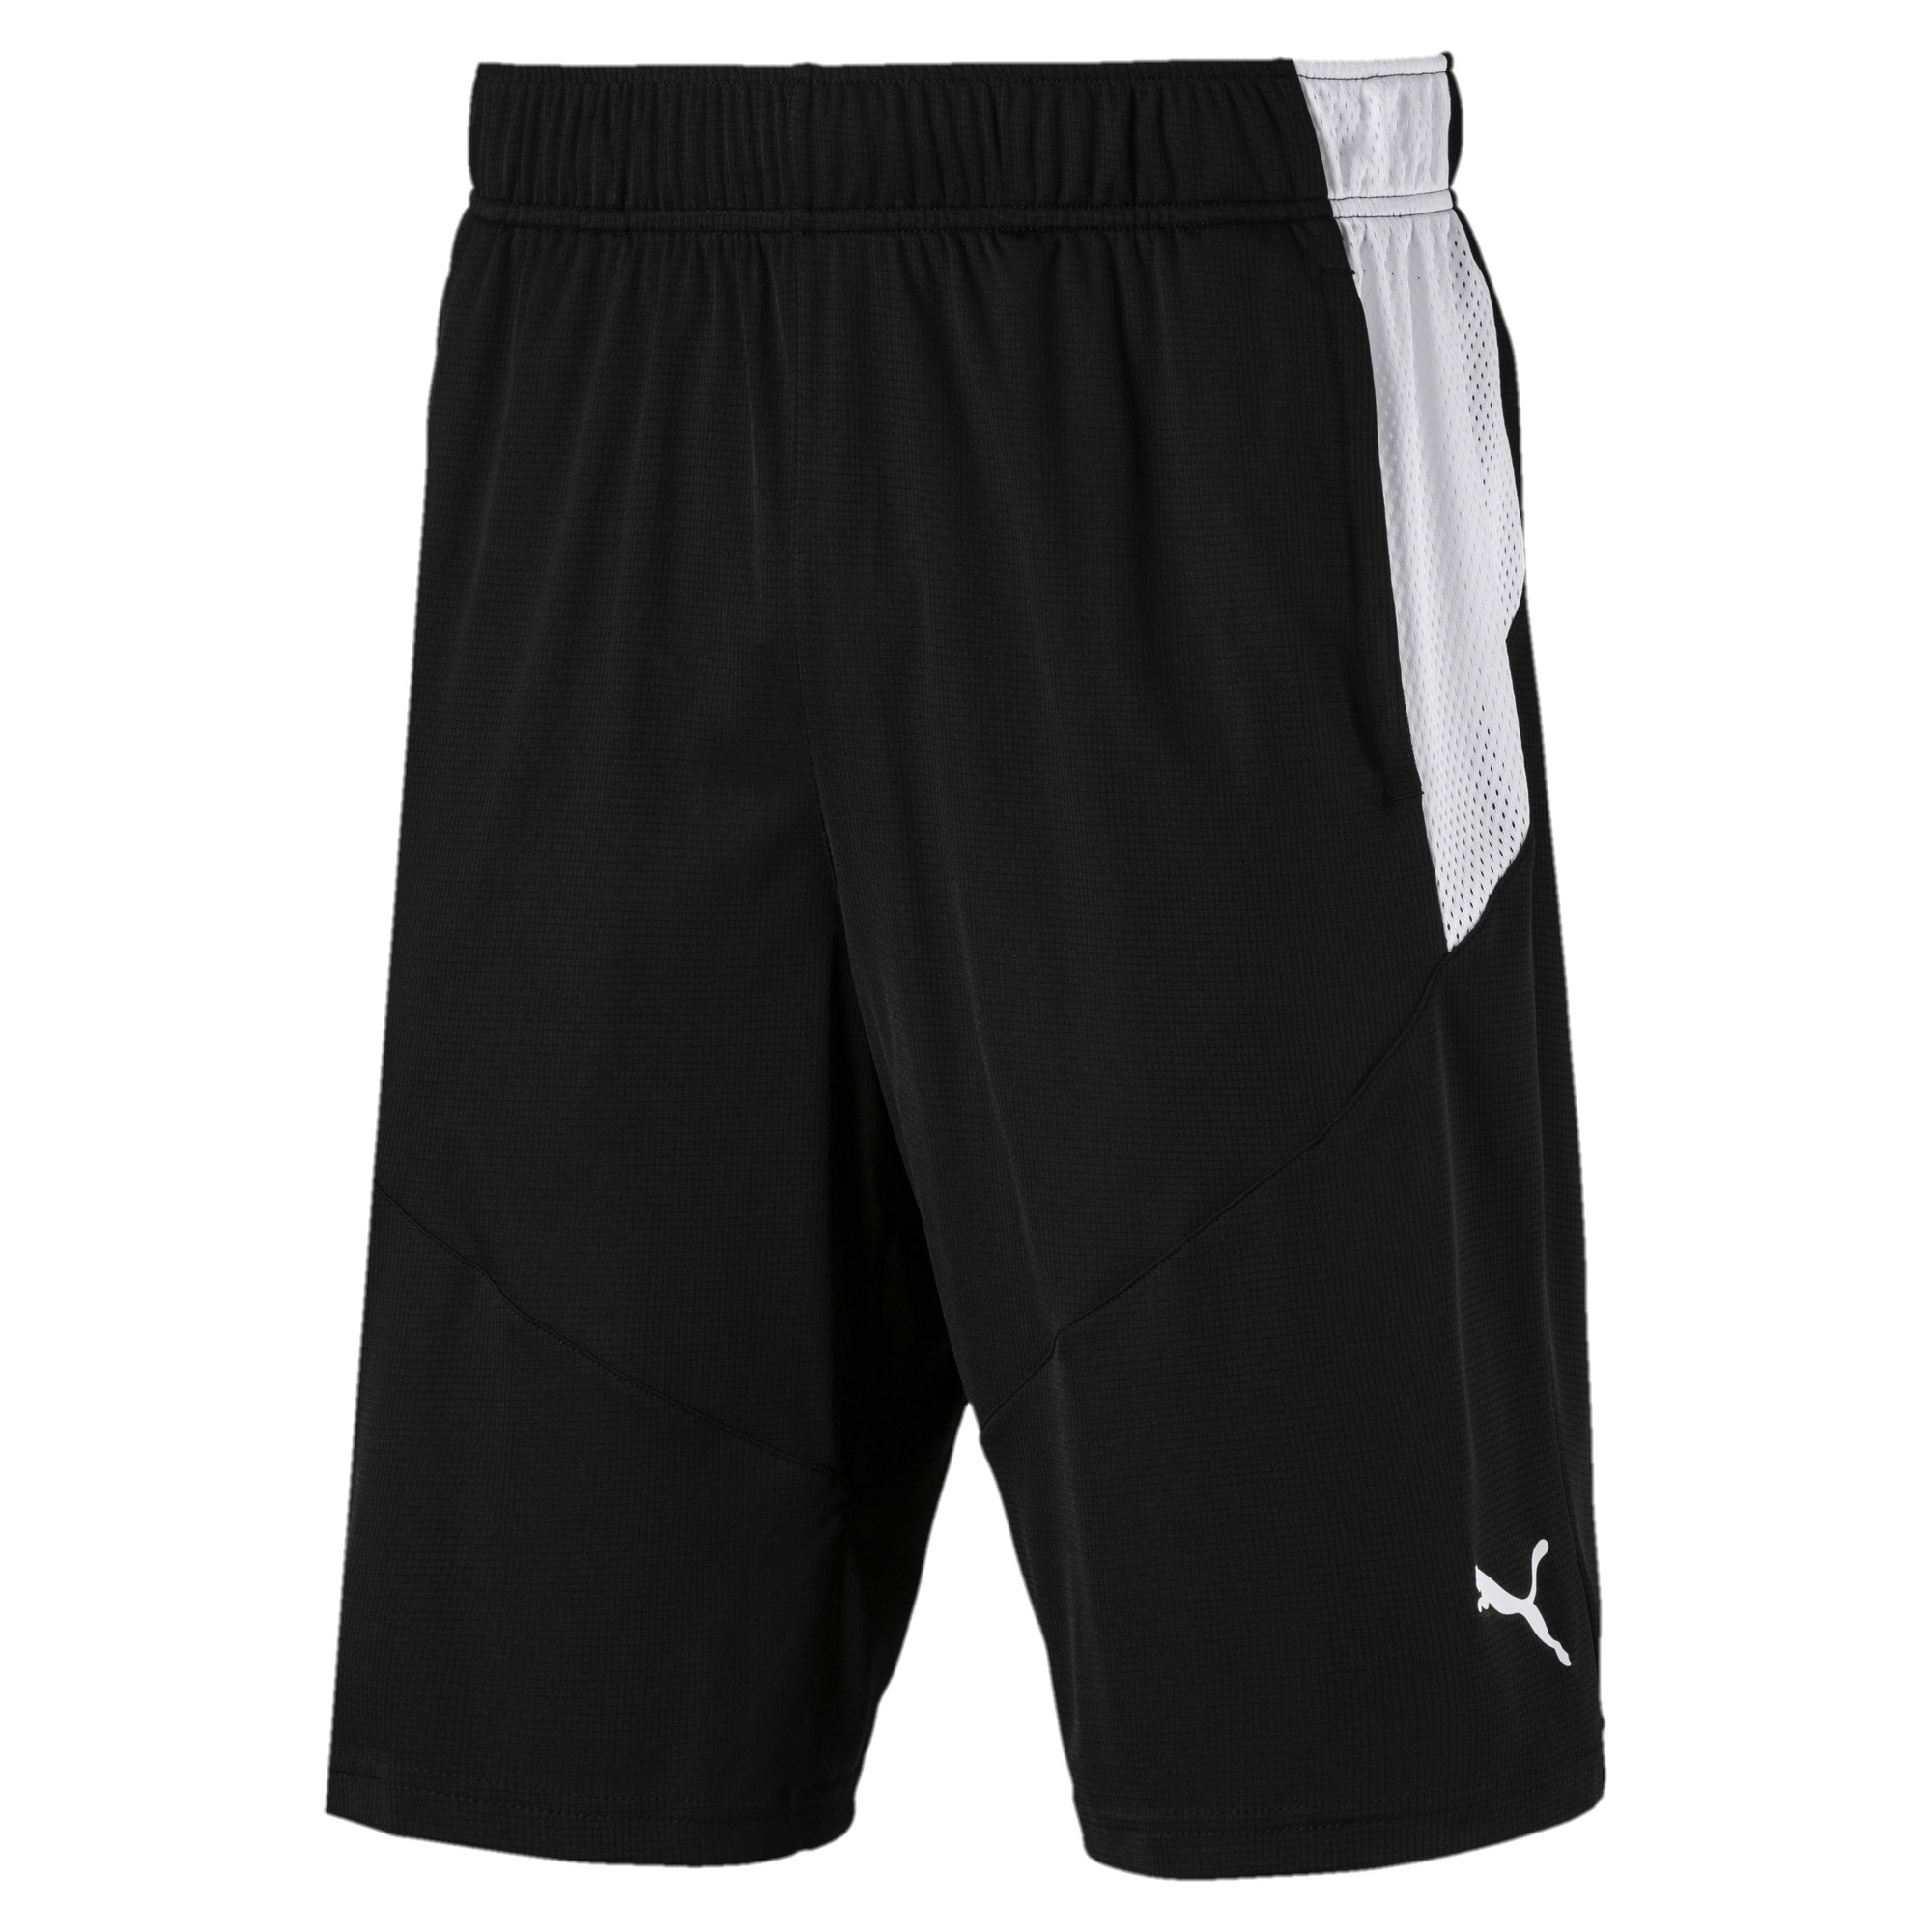 Image Puma Energy Knitted Men's Training Shorts #4